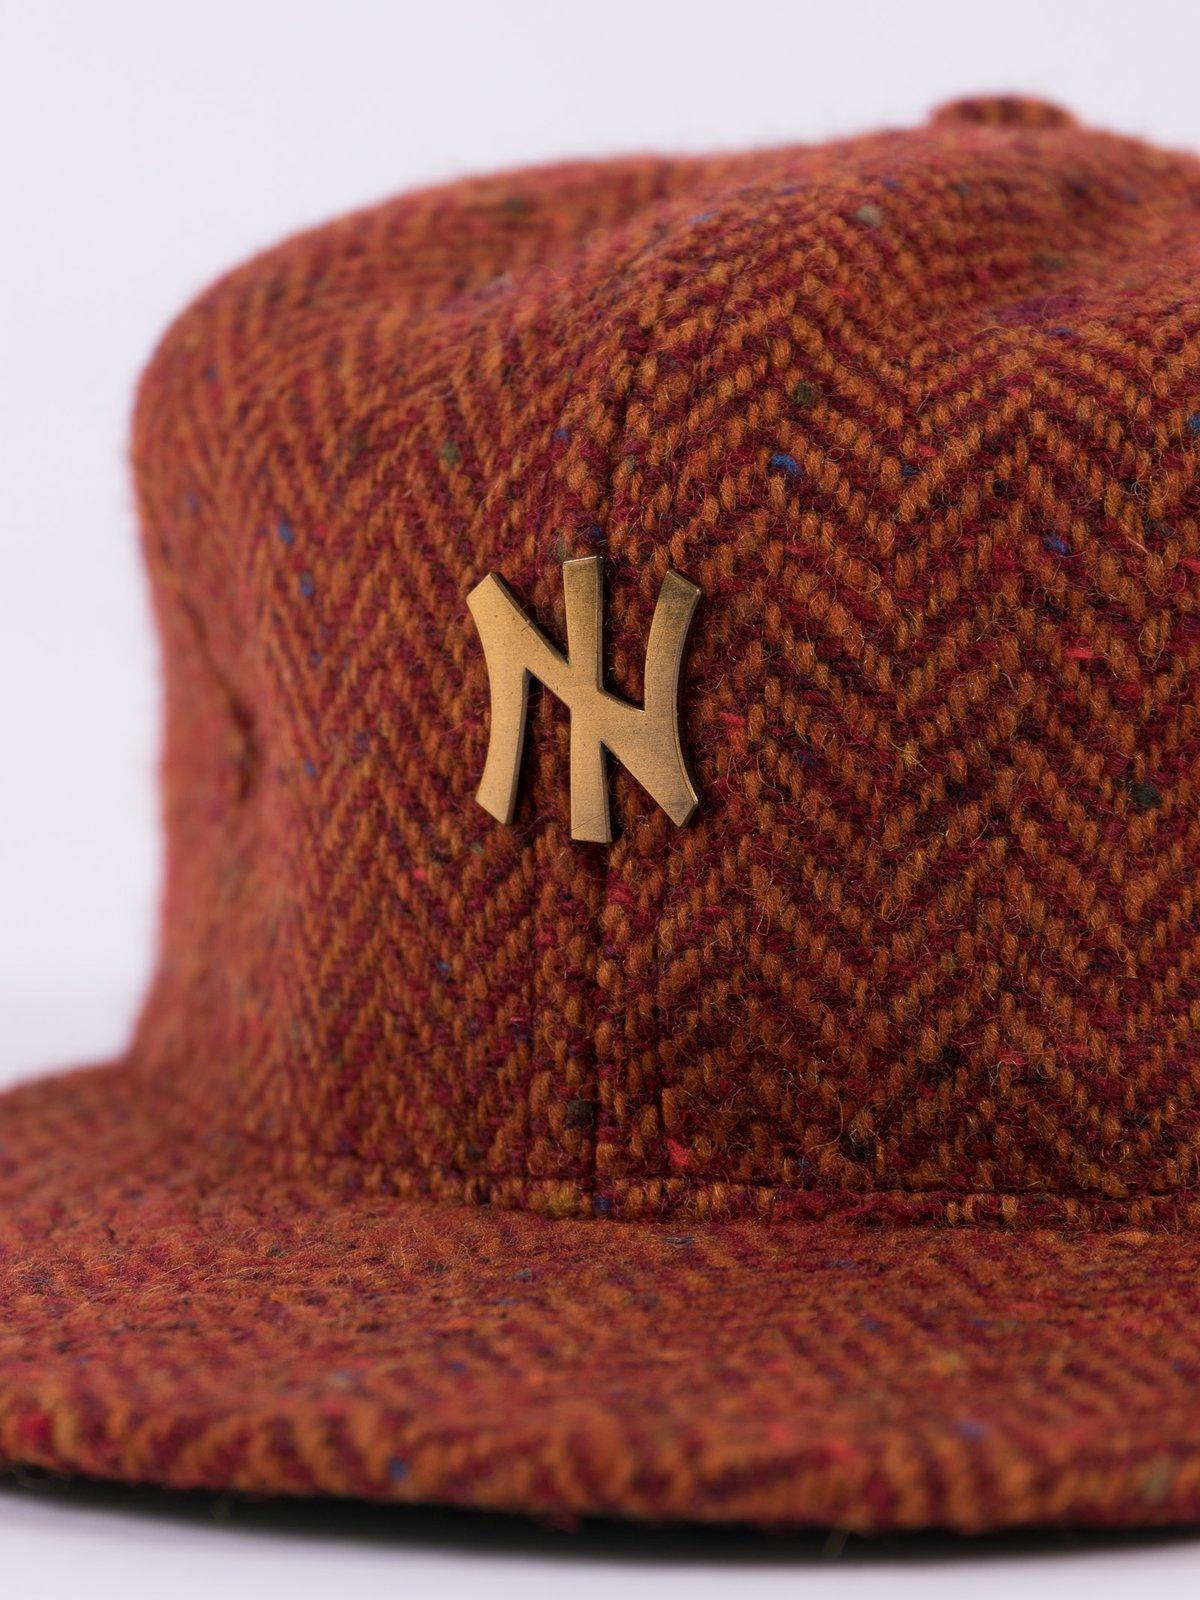 Rust HB Tweed NIer 6 Panel Ballcap - Image 6